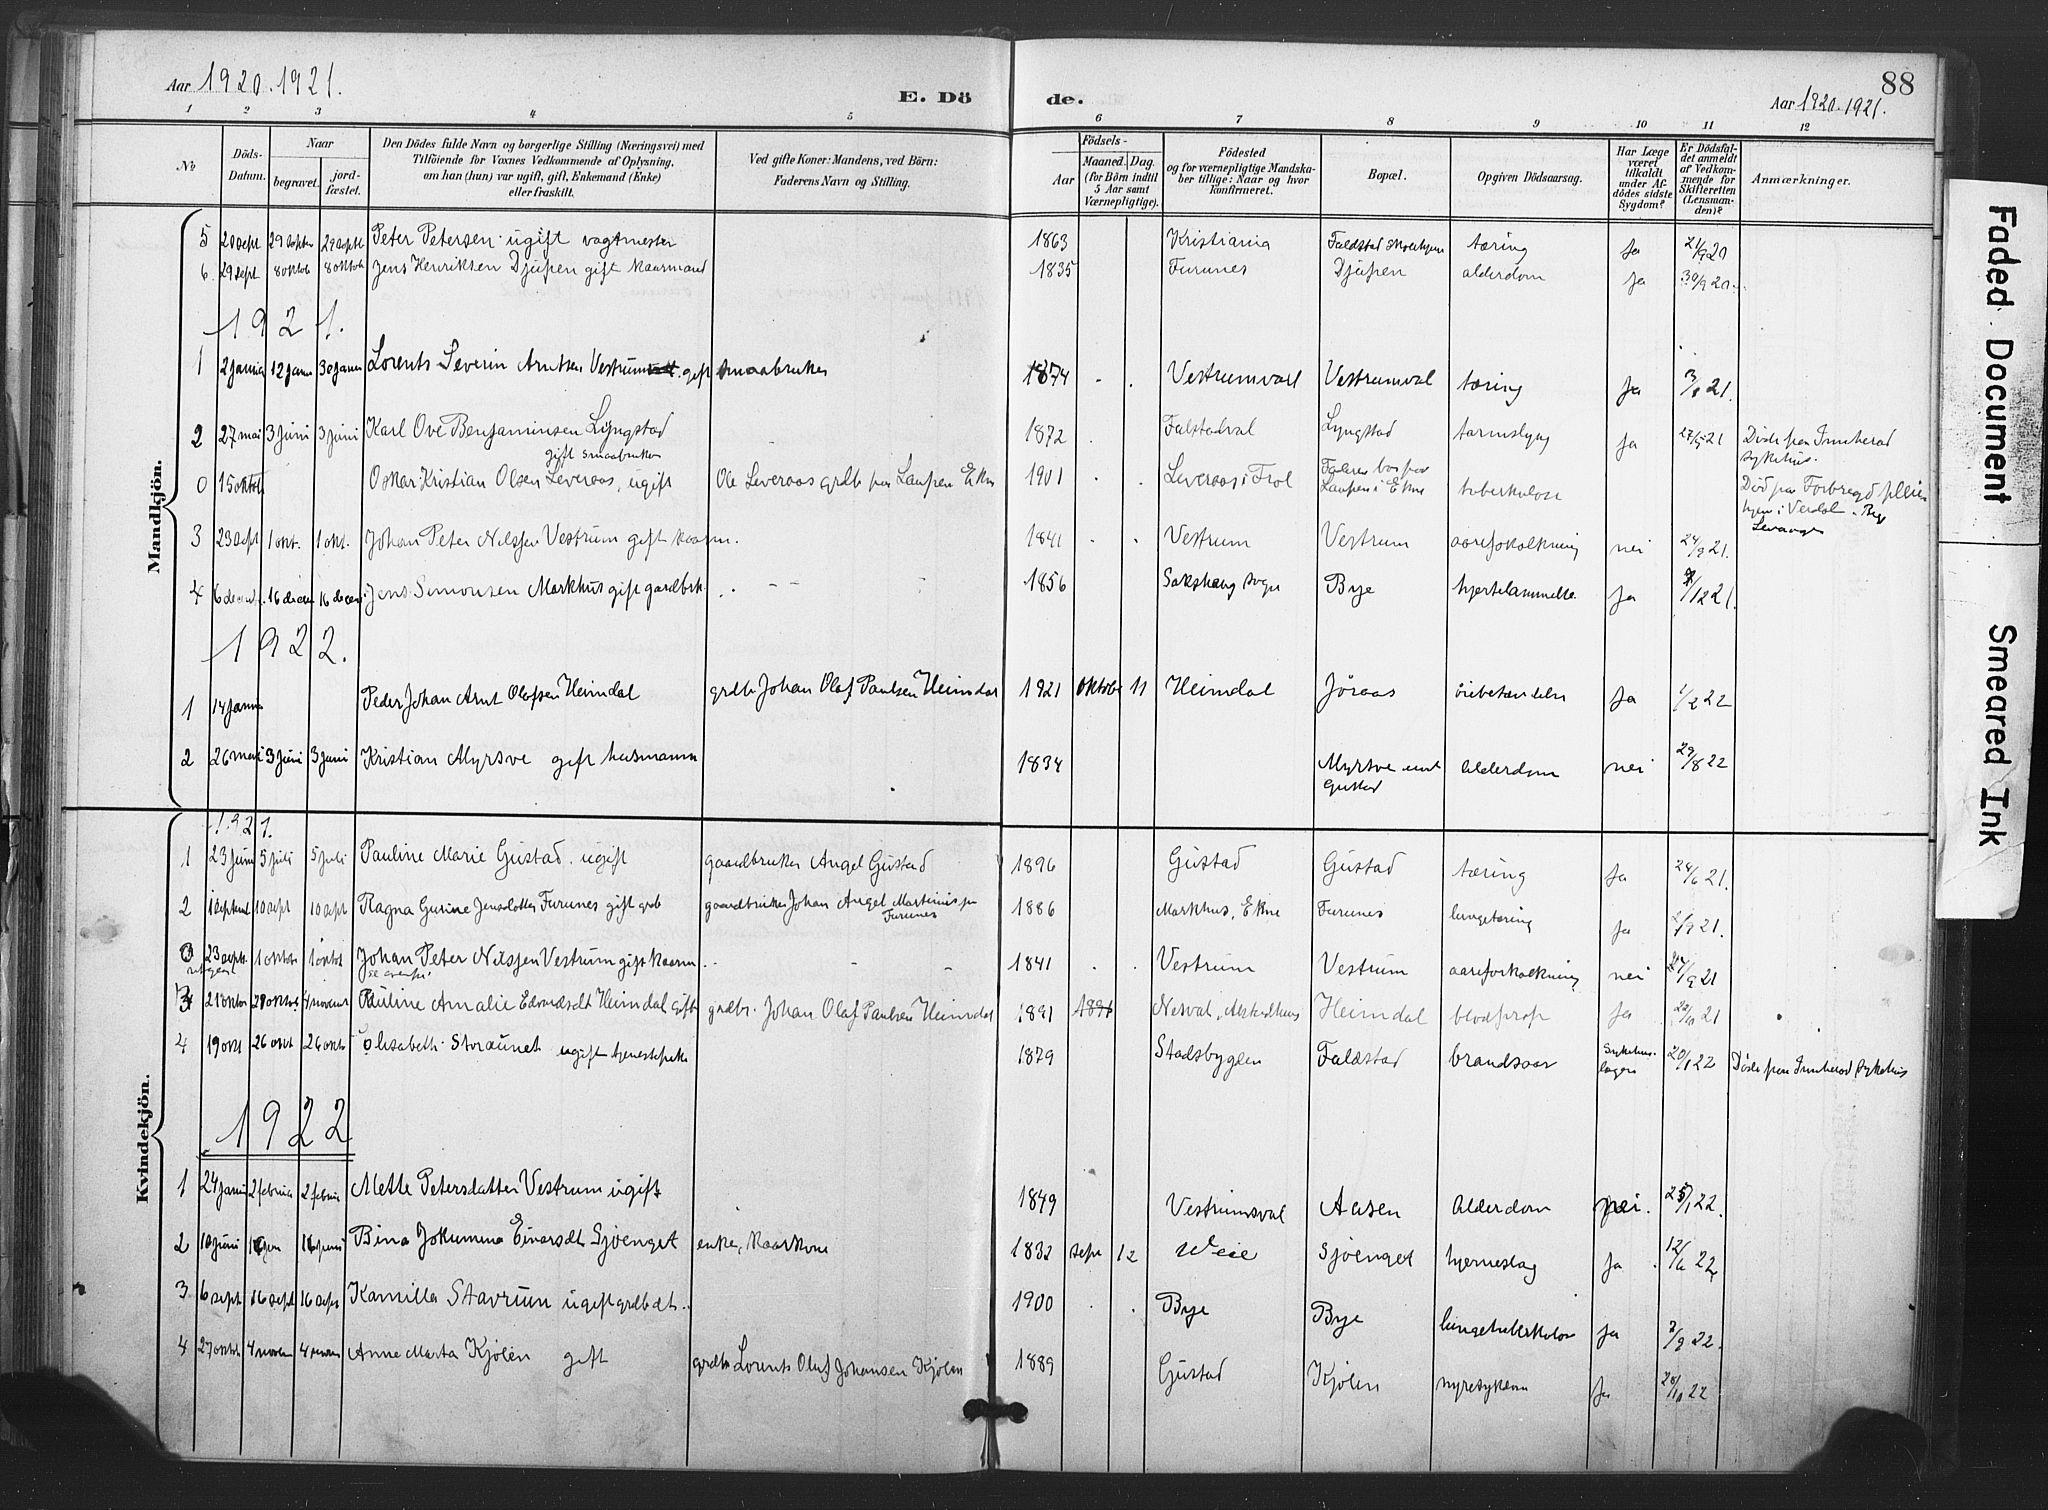 SAT, Ministerialprotokoller, klokkerbøker og fødselsregistre - Nord-Trøndelag, 719/L0179: Ministerialbok nr. 719A02, 1901-1923, s. 88